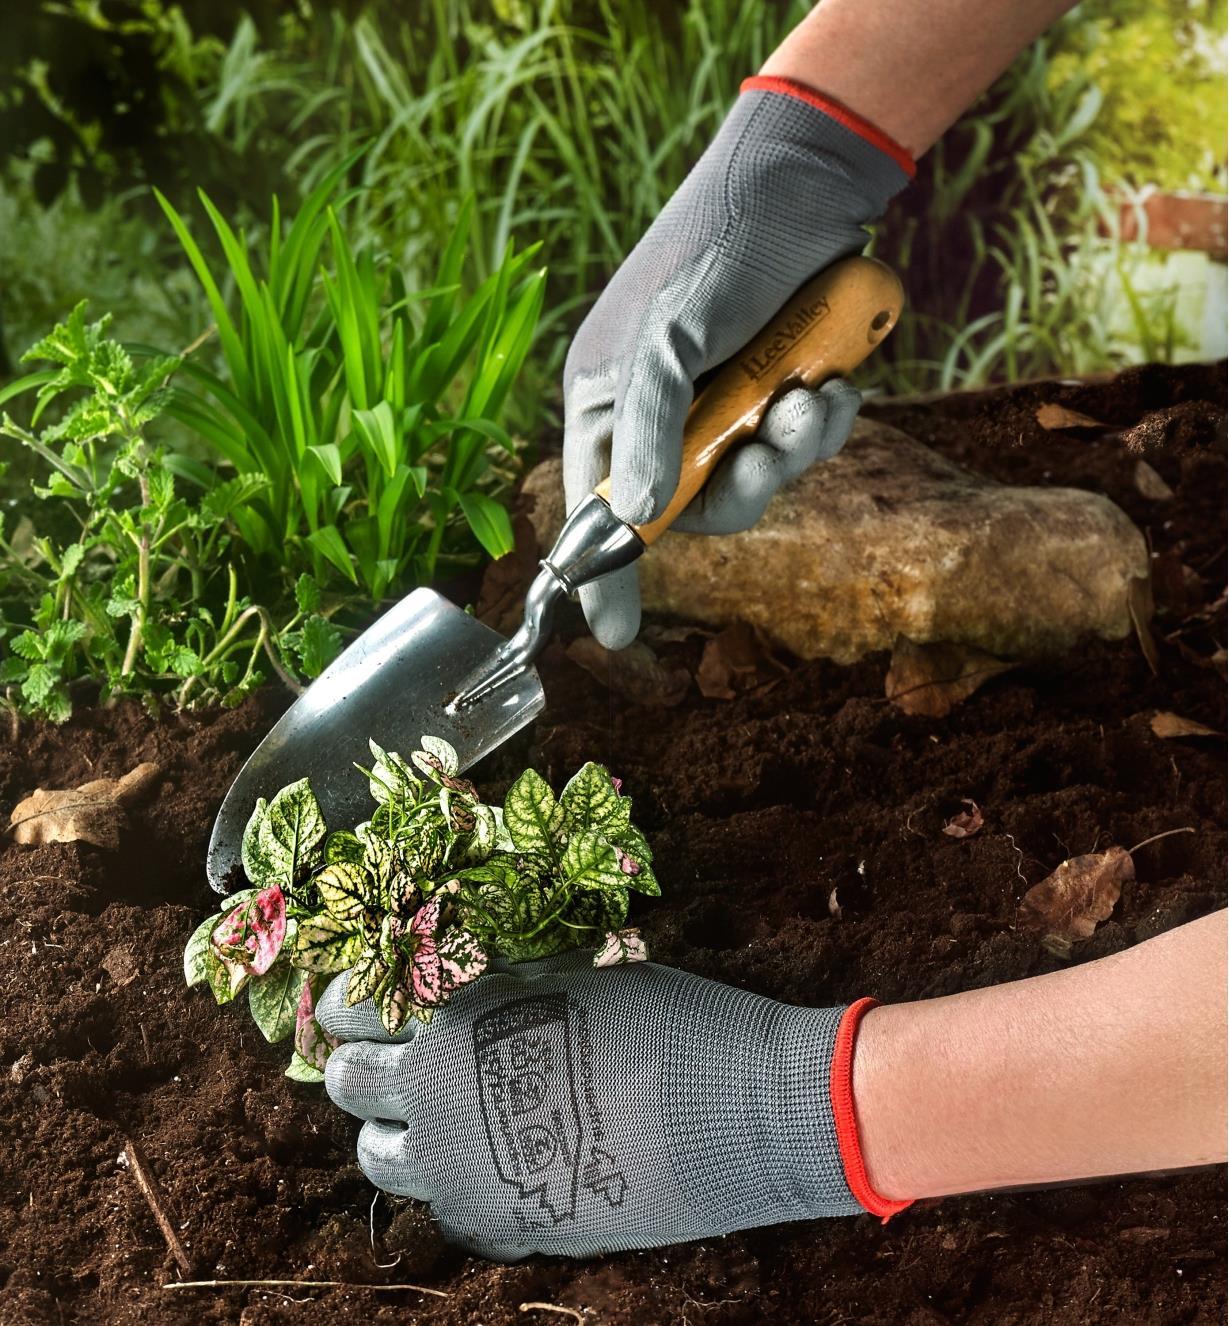 Personne portant des gants de travail légers pour repiquer une plante dans un jardin